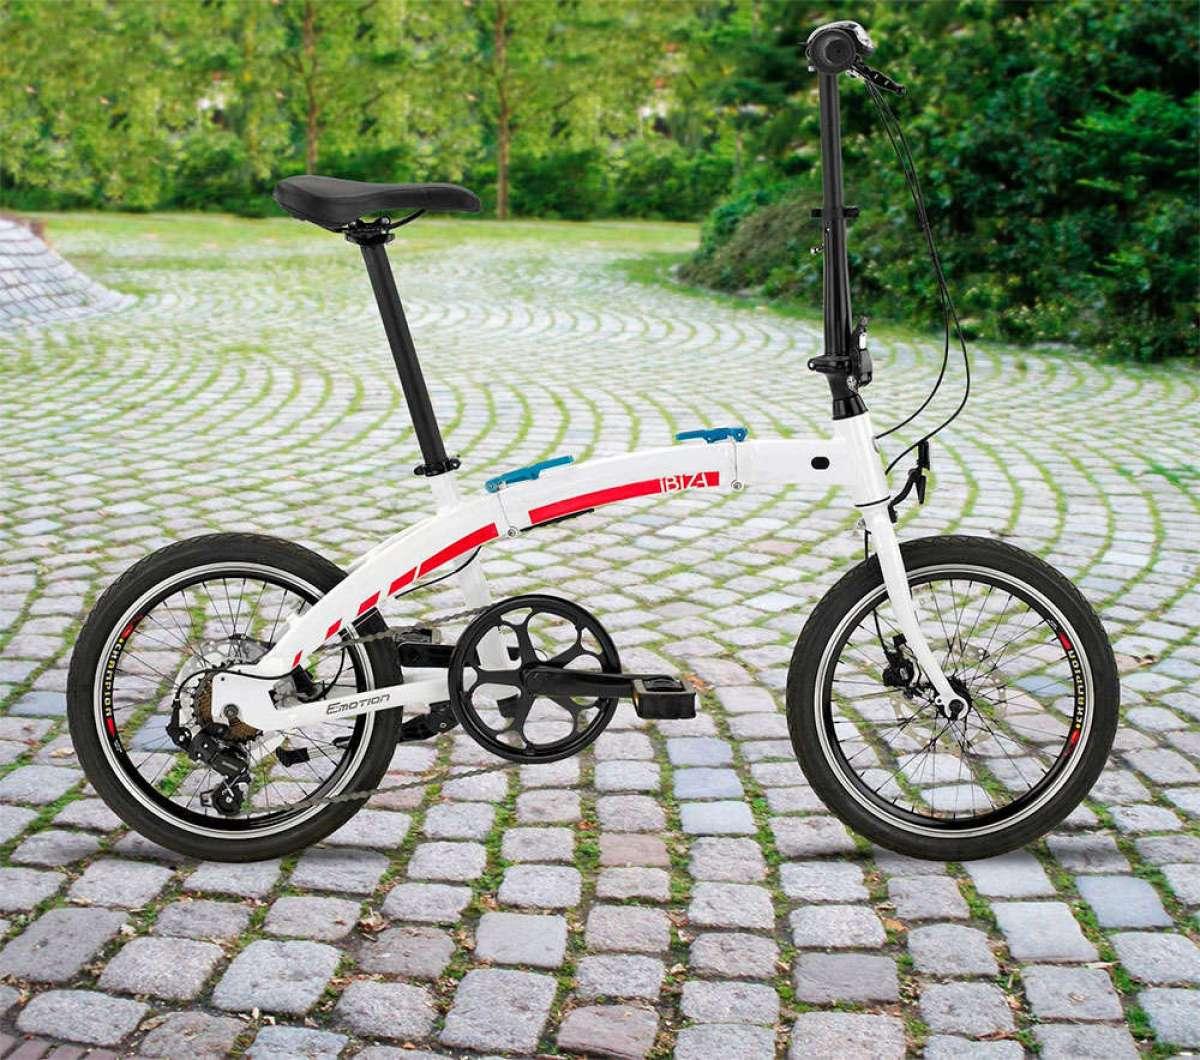 BH Ibiza 2018, una bicicleta plegable (con sistema rápido patentado) perfecta para desplazamientos urbanos